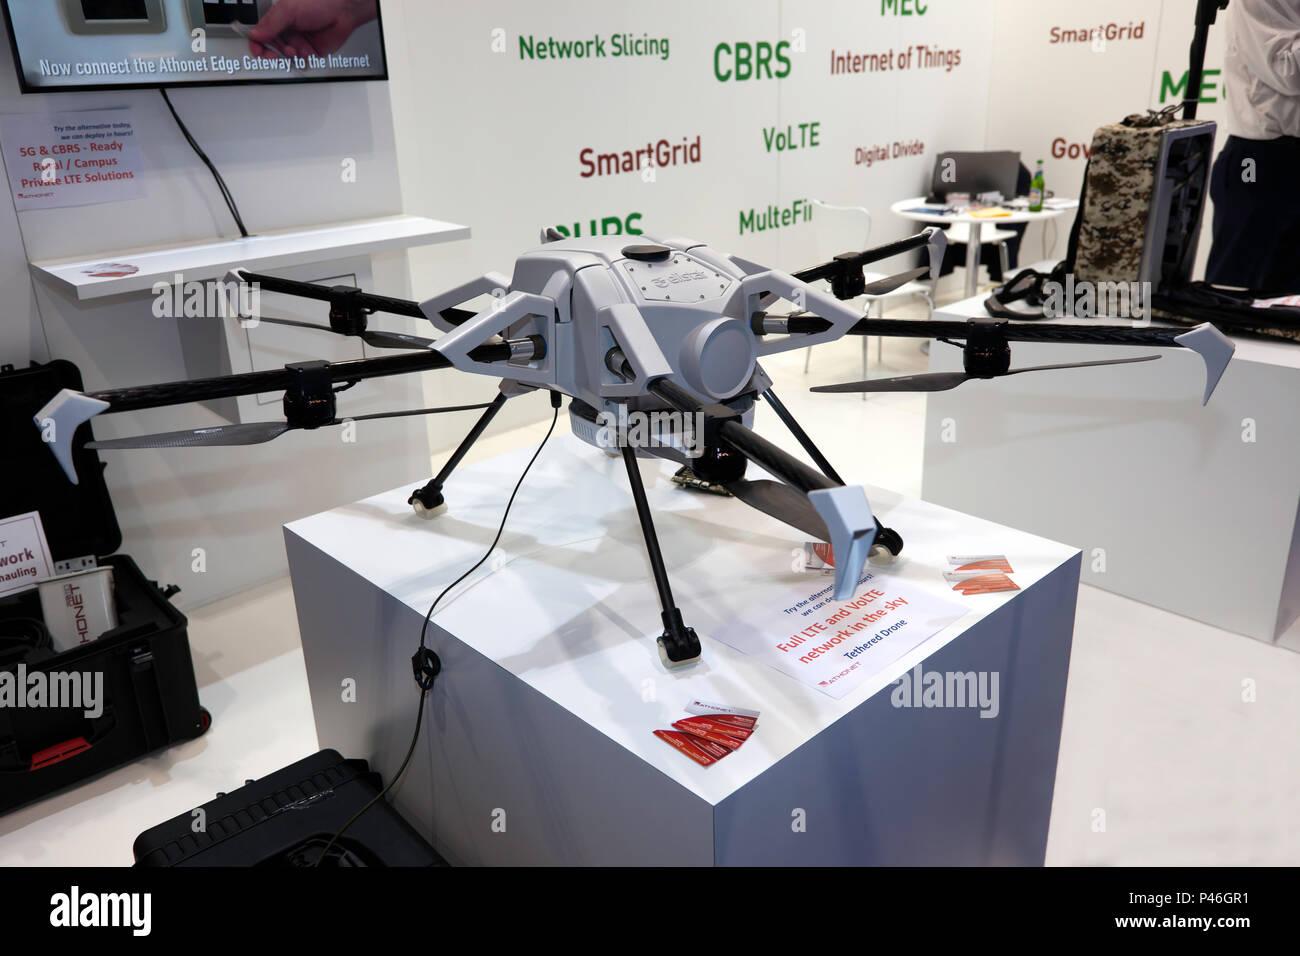 Un elistair Système Drone intégré pour des applications militaires et commerciales, la prestation de toute une VoLTE et LTE Network dans le ciel. Photo Stock